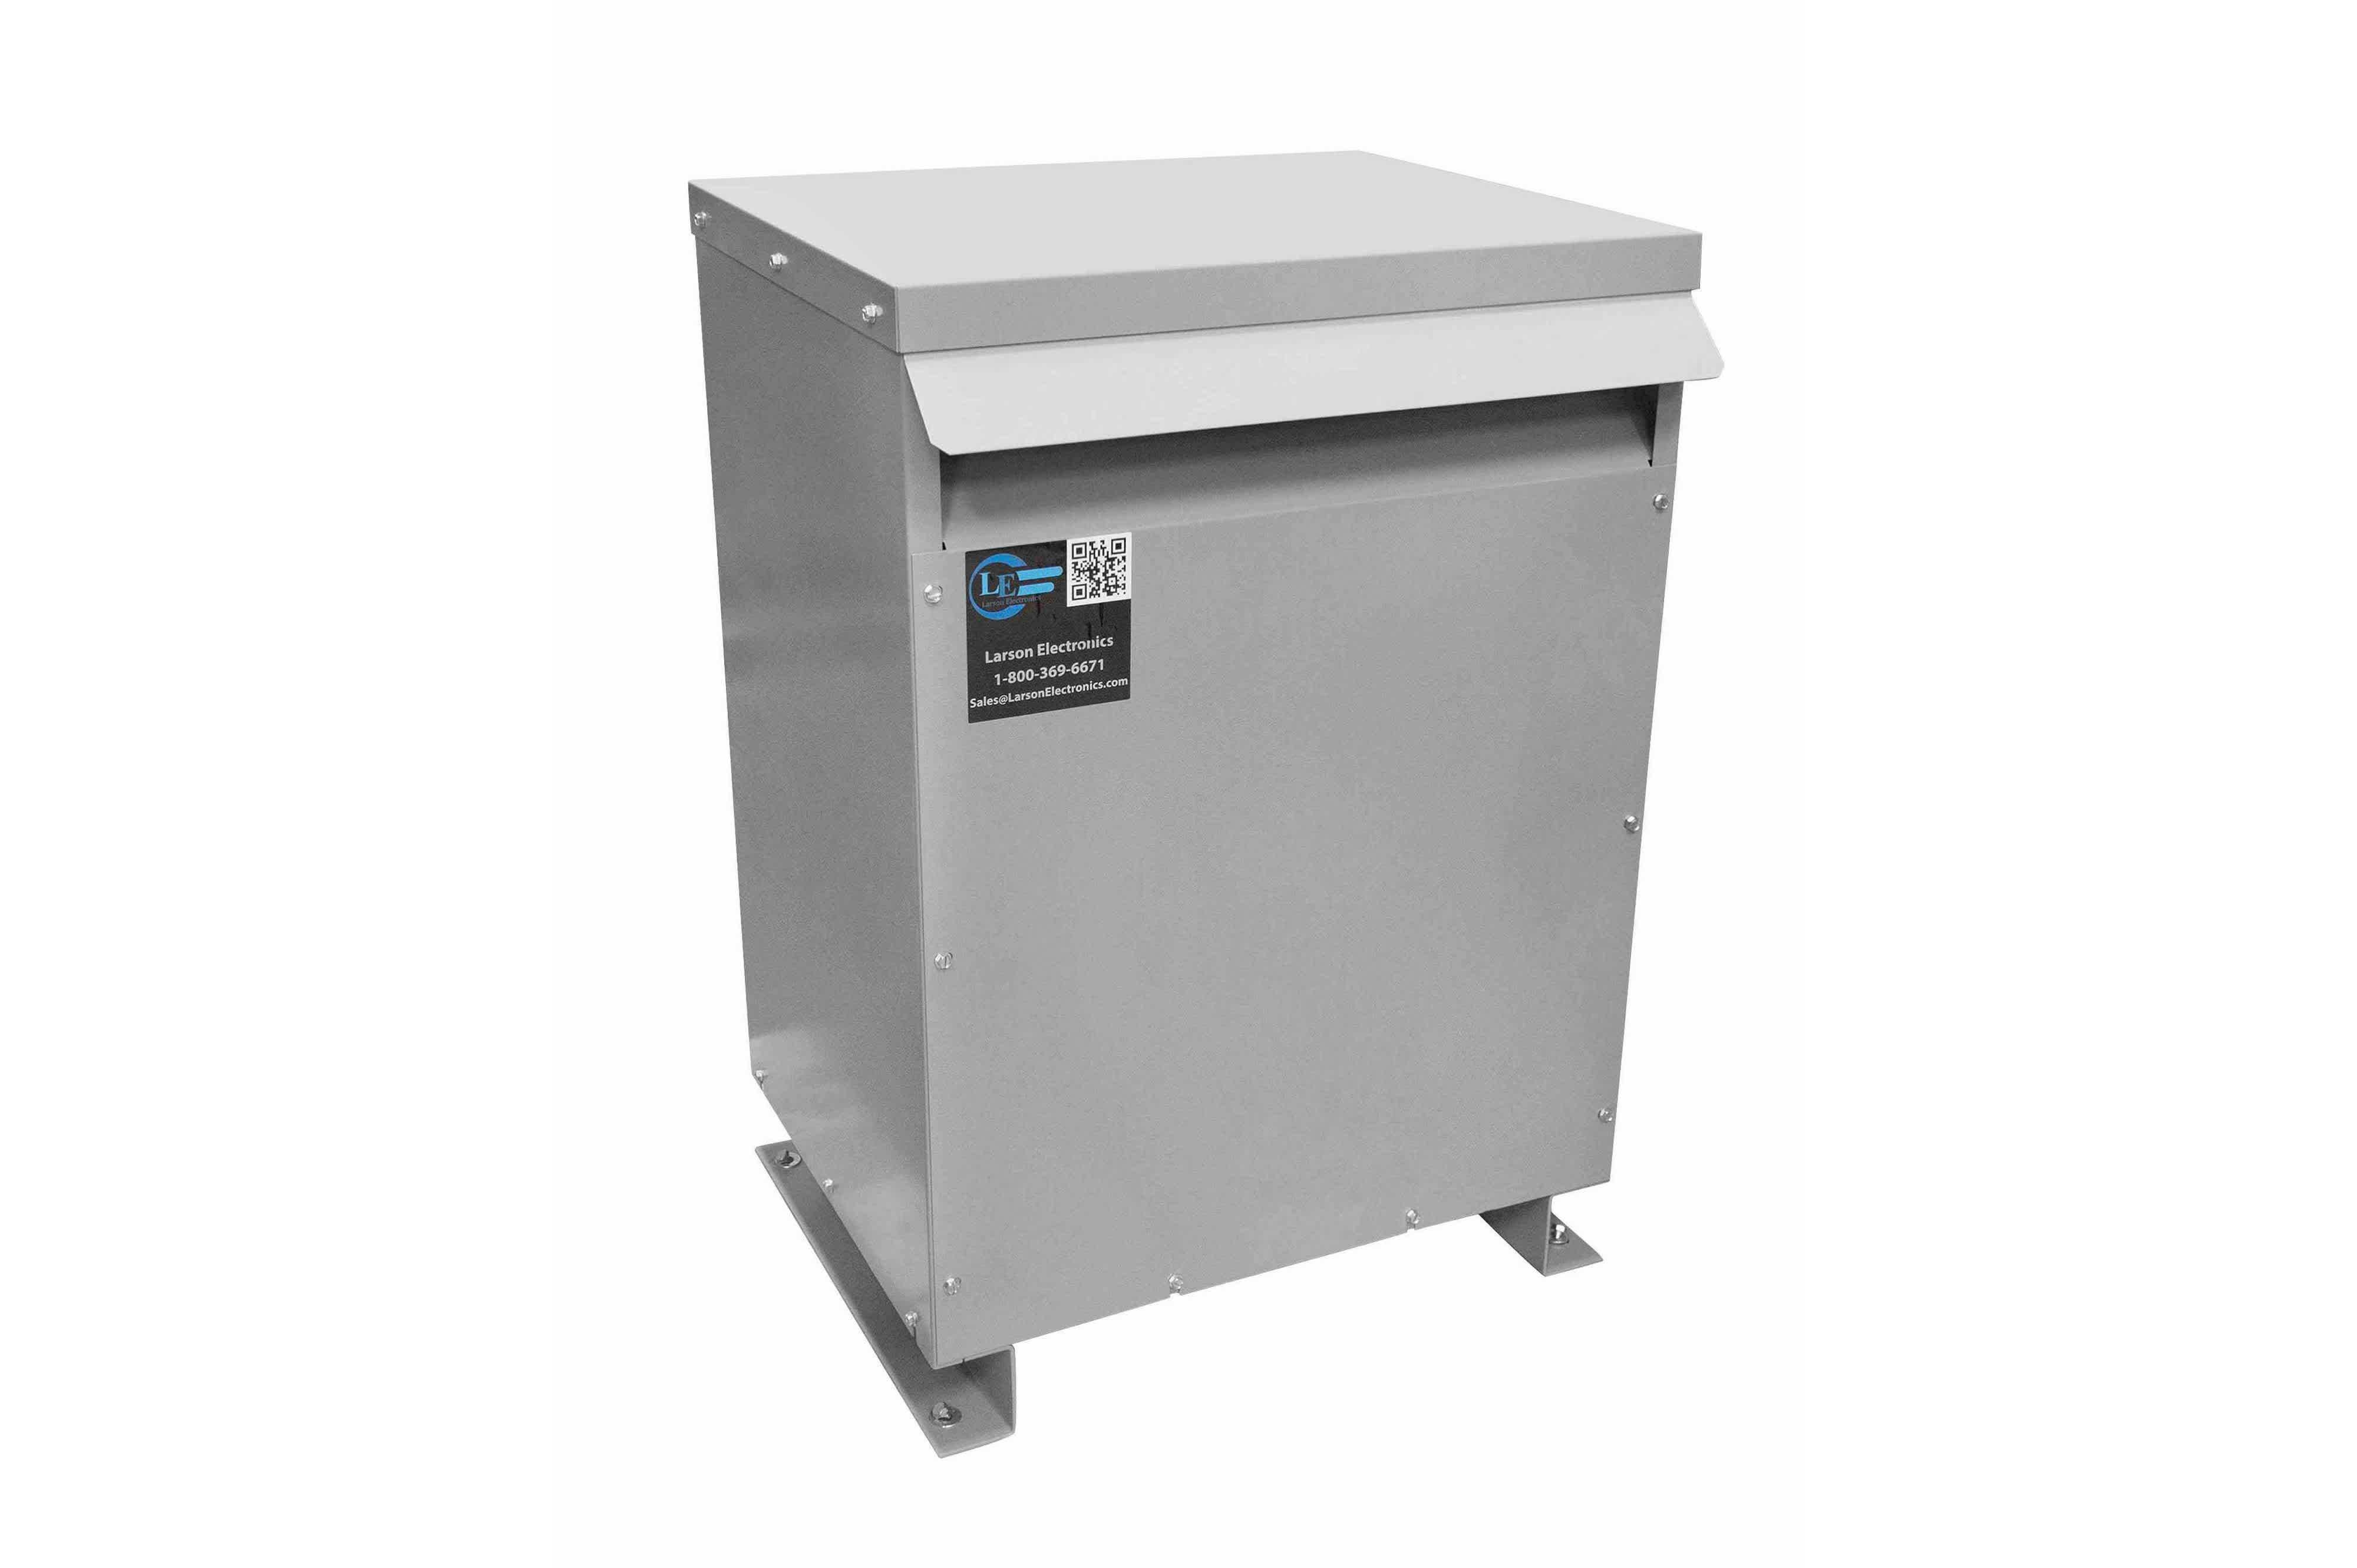 45 kVA 3PH Isolation Transformer, 575V Delta Primary, 240 Delta Secondary, N3R, Ventilated, 60 Hz